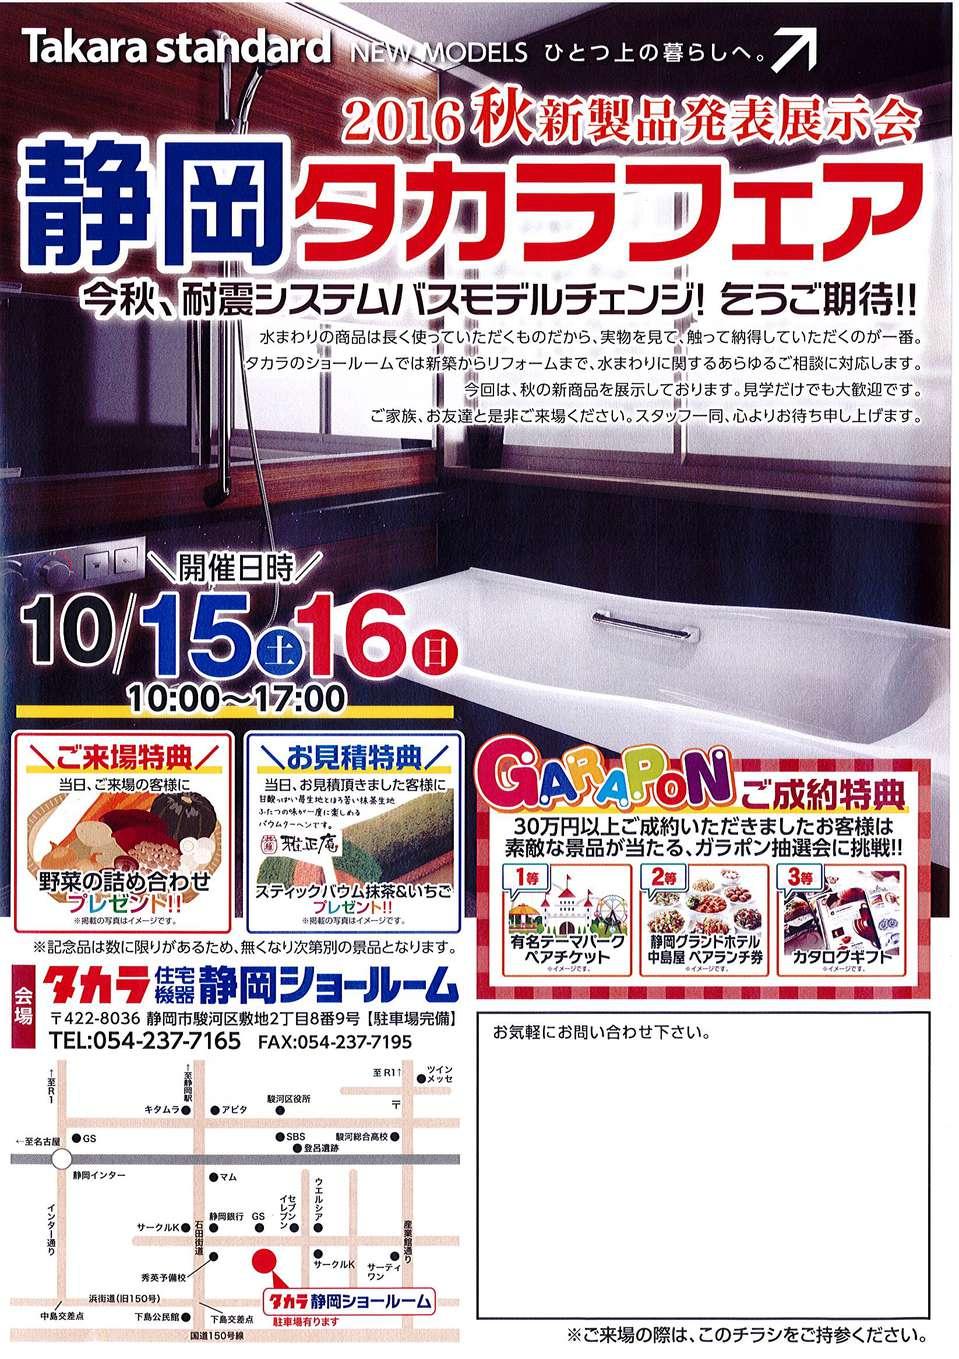 takara201602 (2).jpg